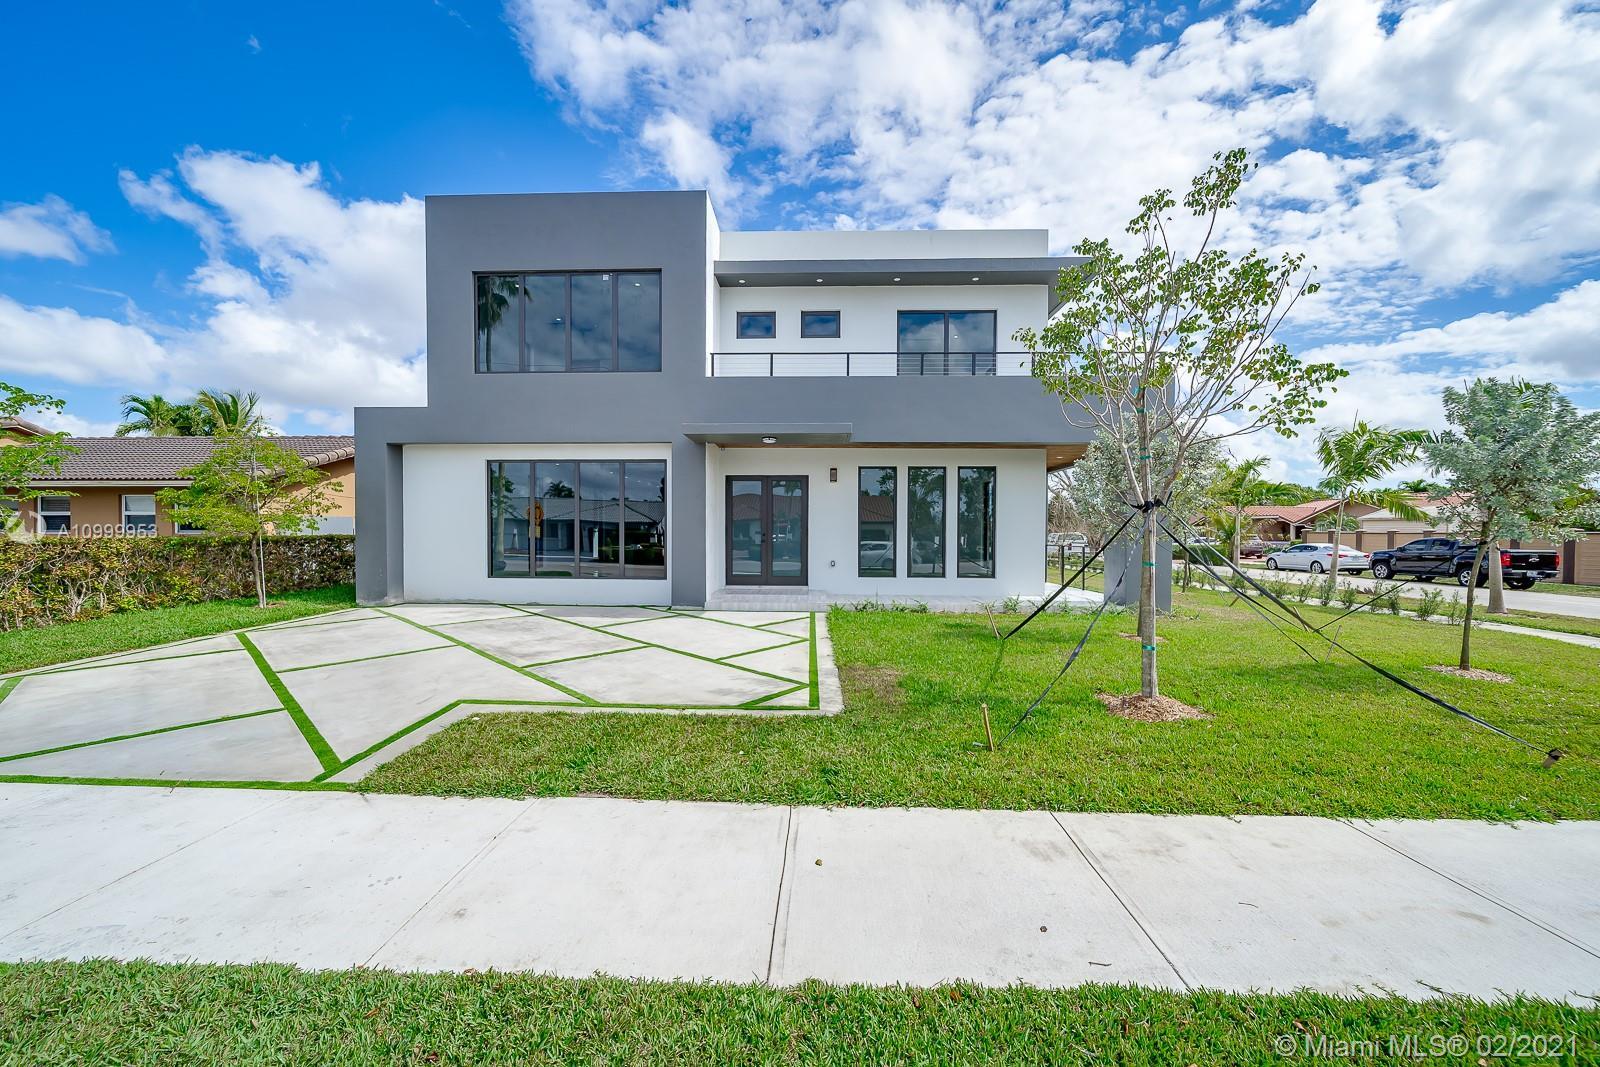 J G Heads Farms - 3849 SW 142nd Ave, Miami, FL 33175